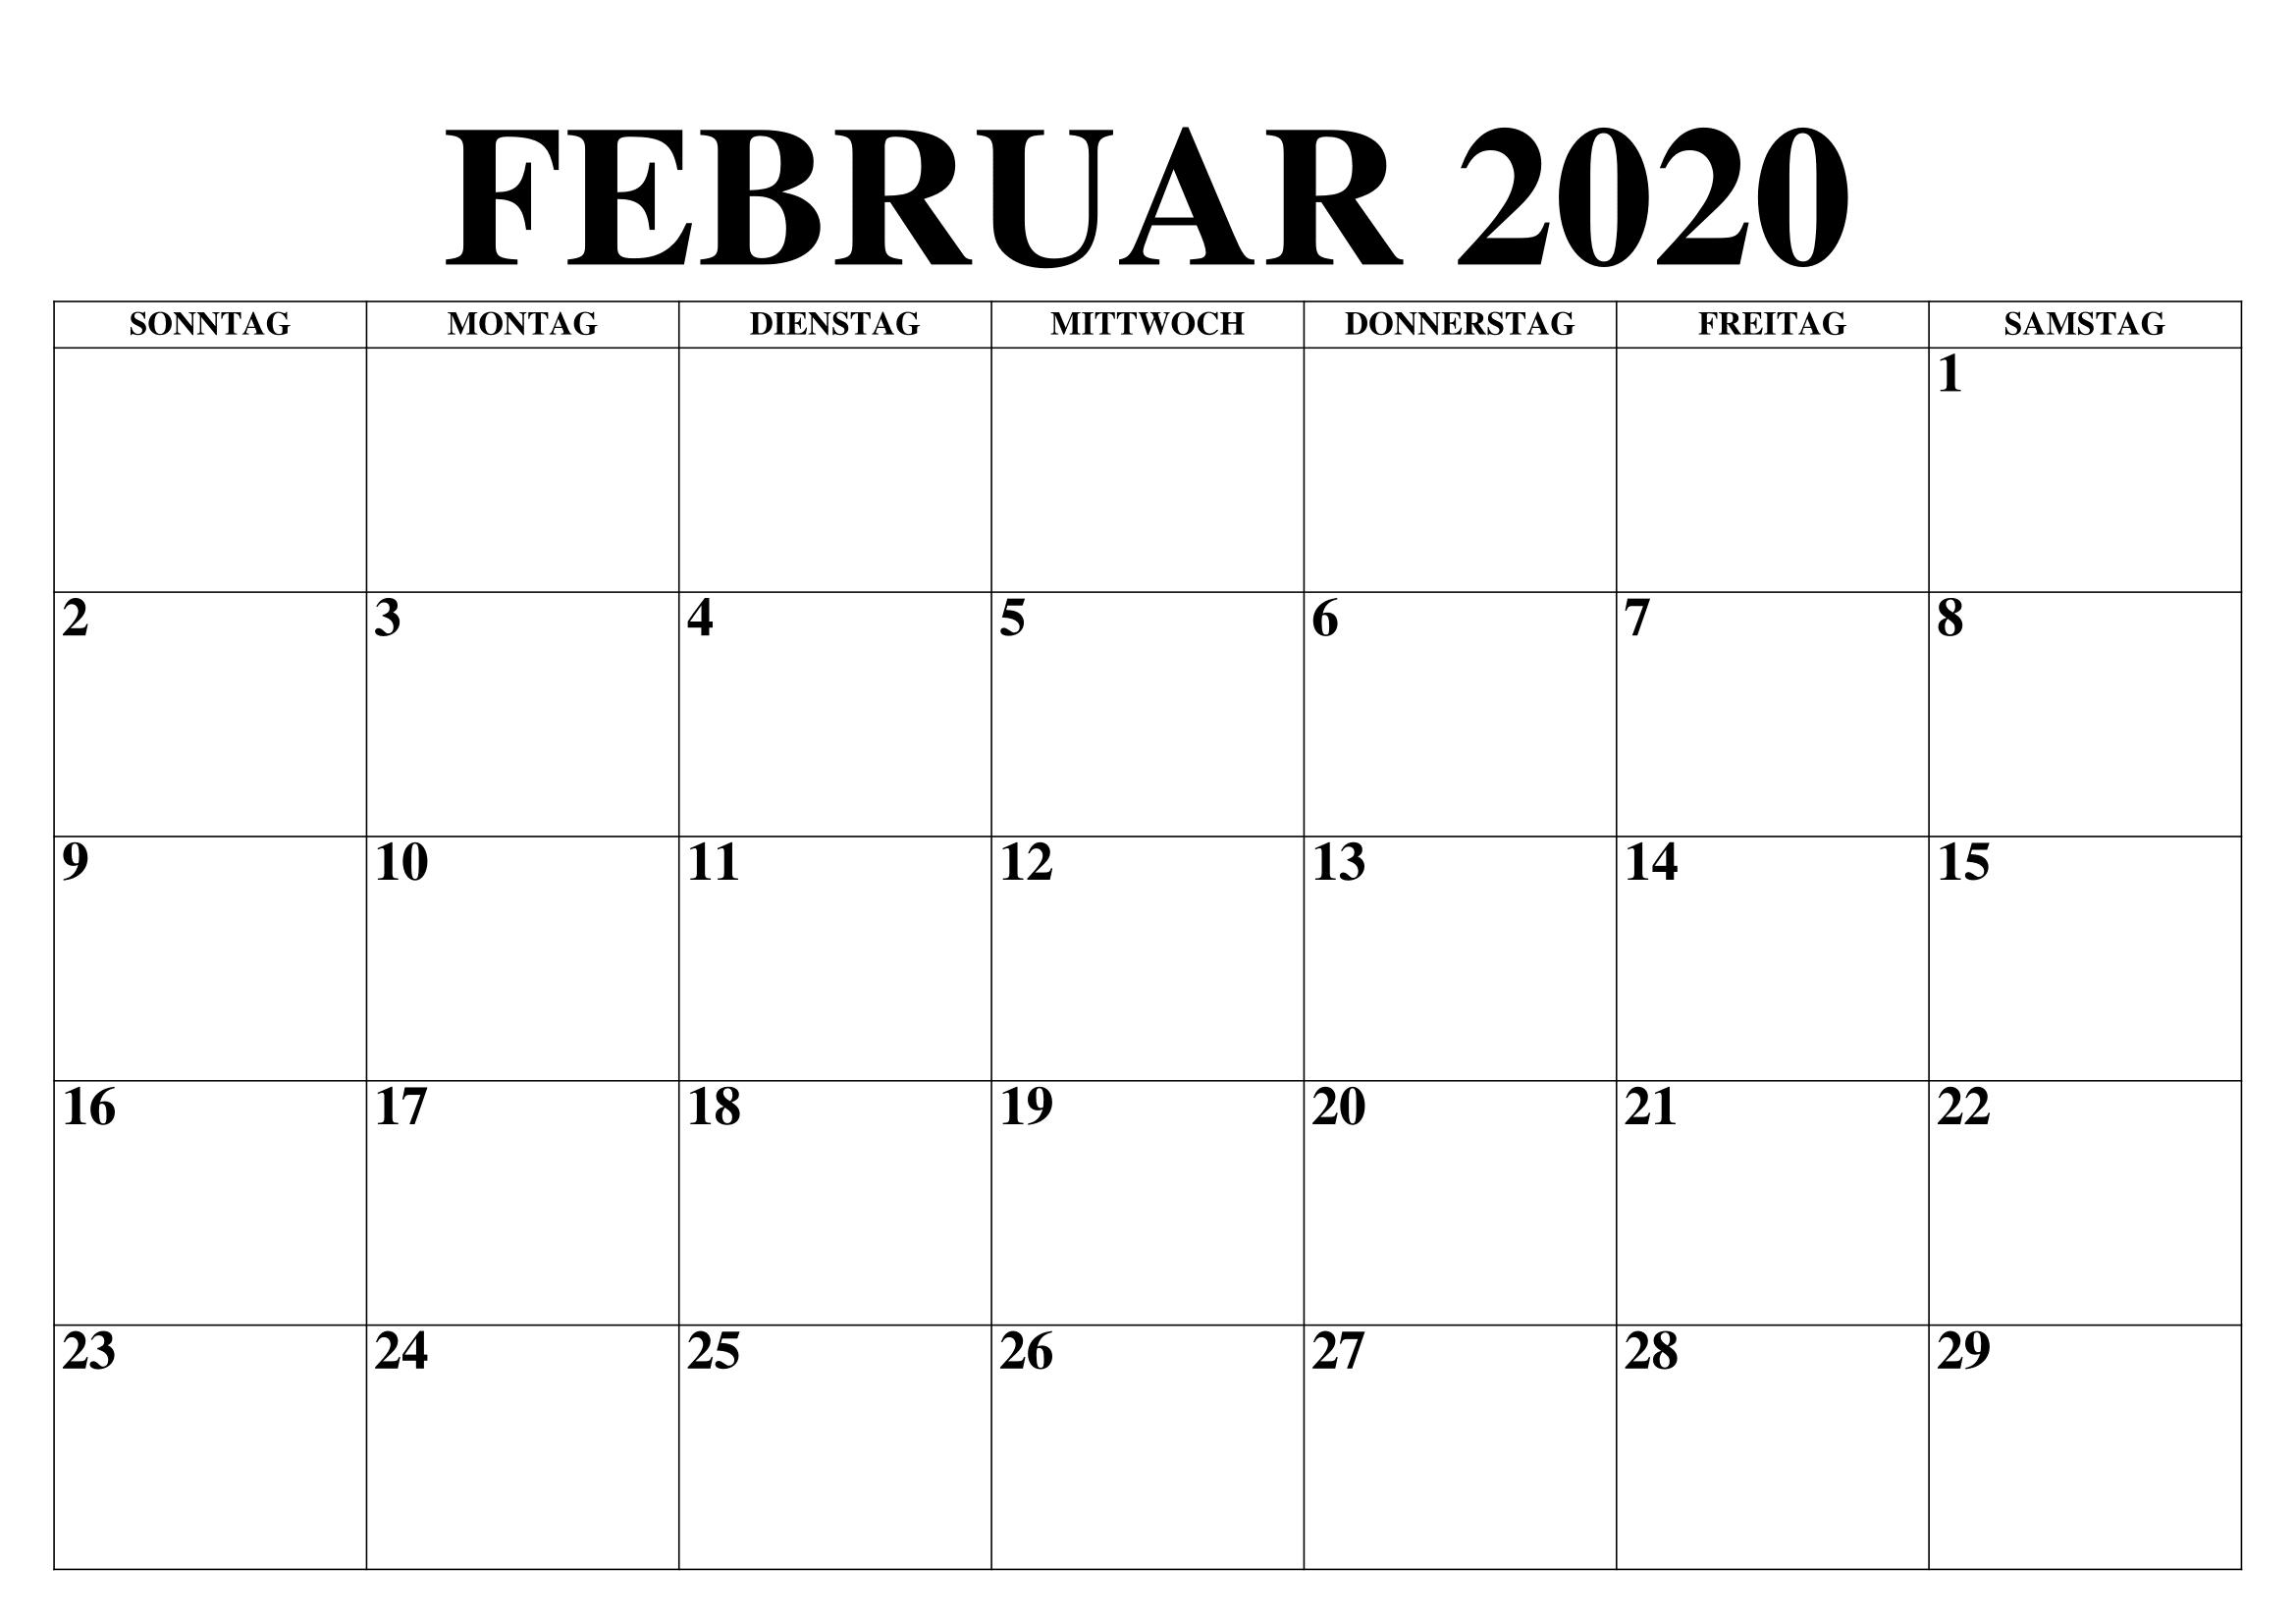 Blank Februar 2020 Kalender Excel